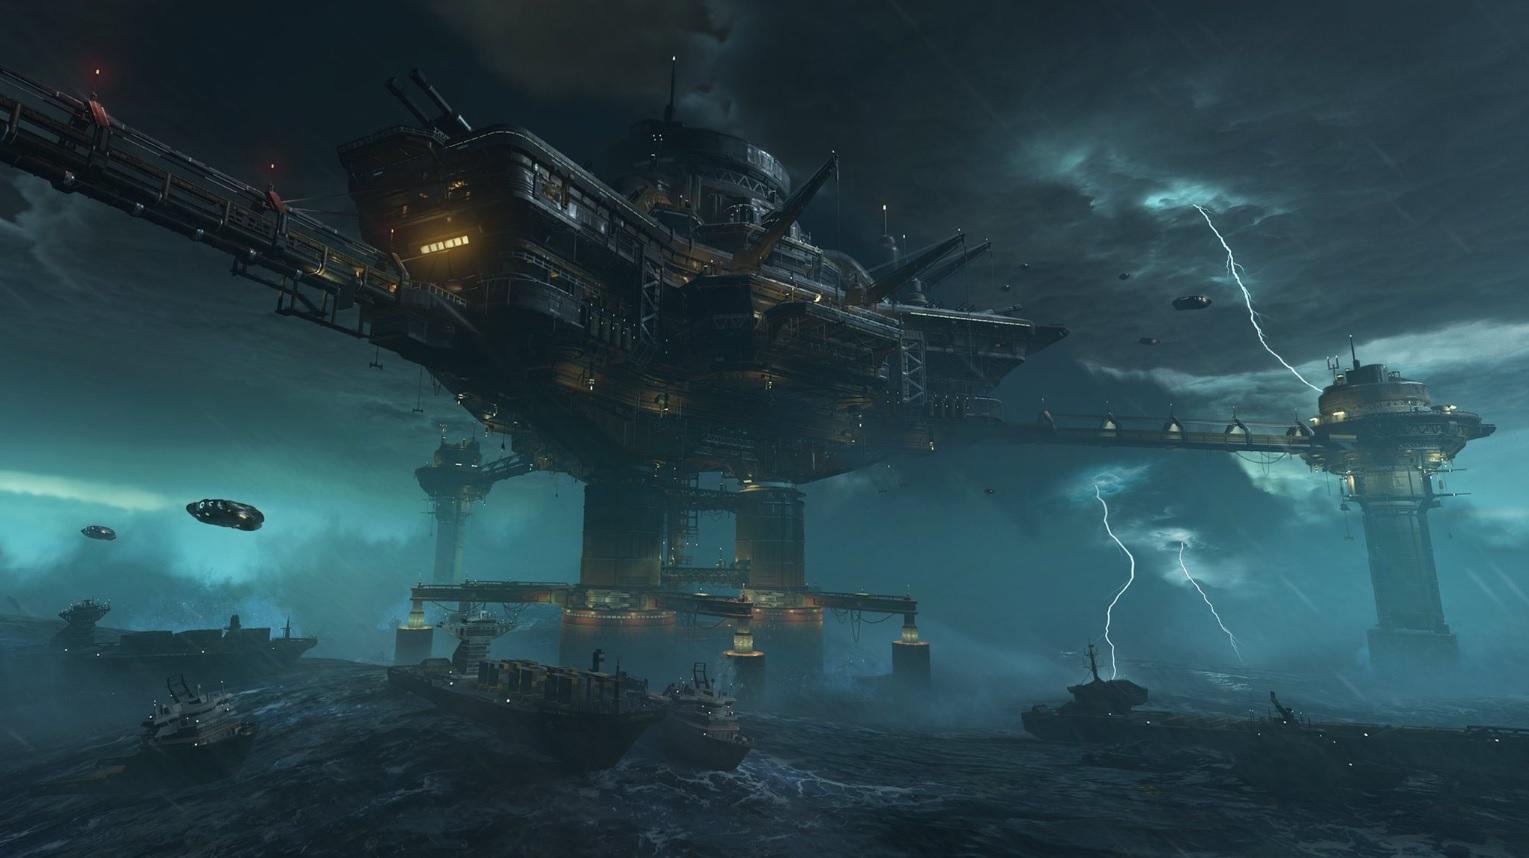 لا تحتوي لقطات Doom Eternal DLC على شياطين أو عنف ، فكيف يمكننا التأكد من أنها Doom؟ 1